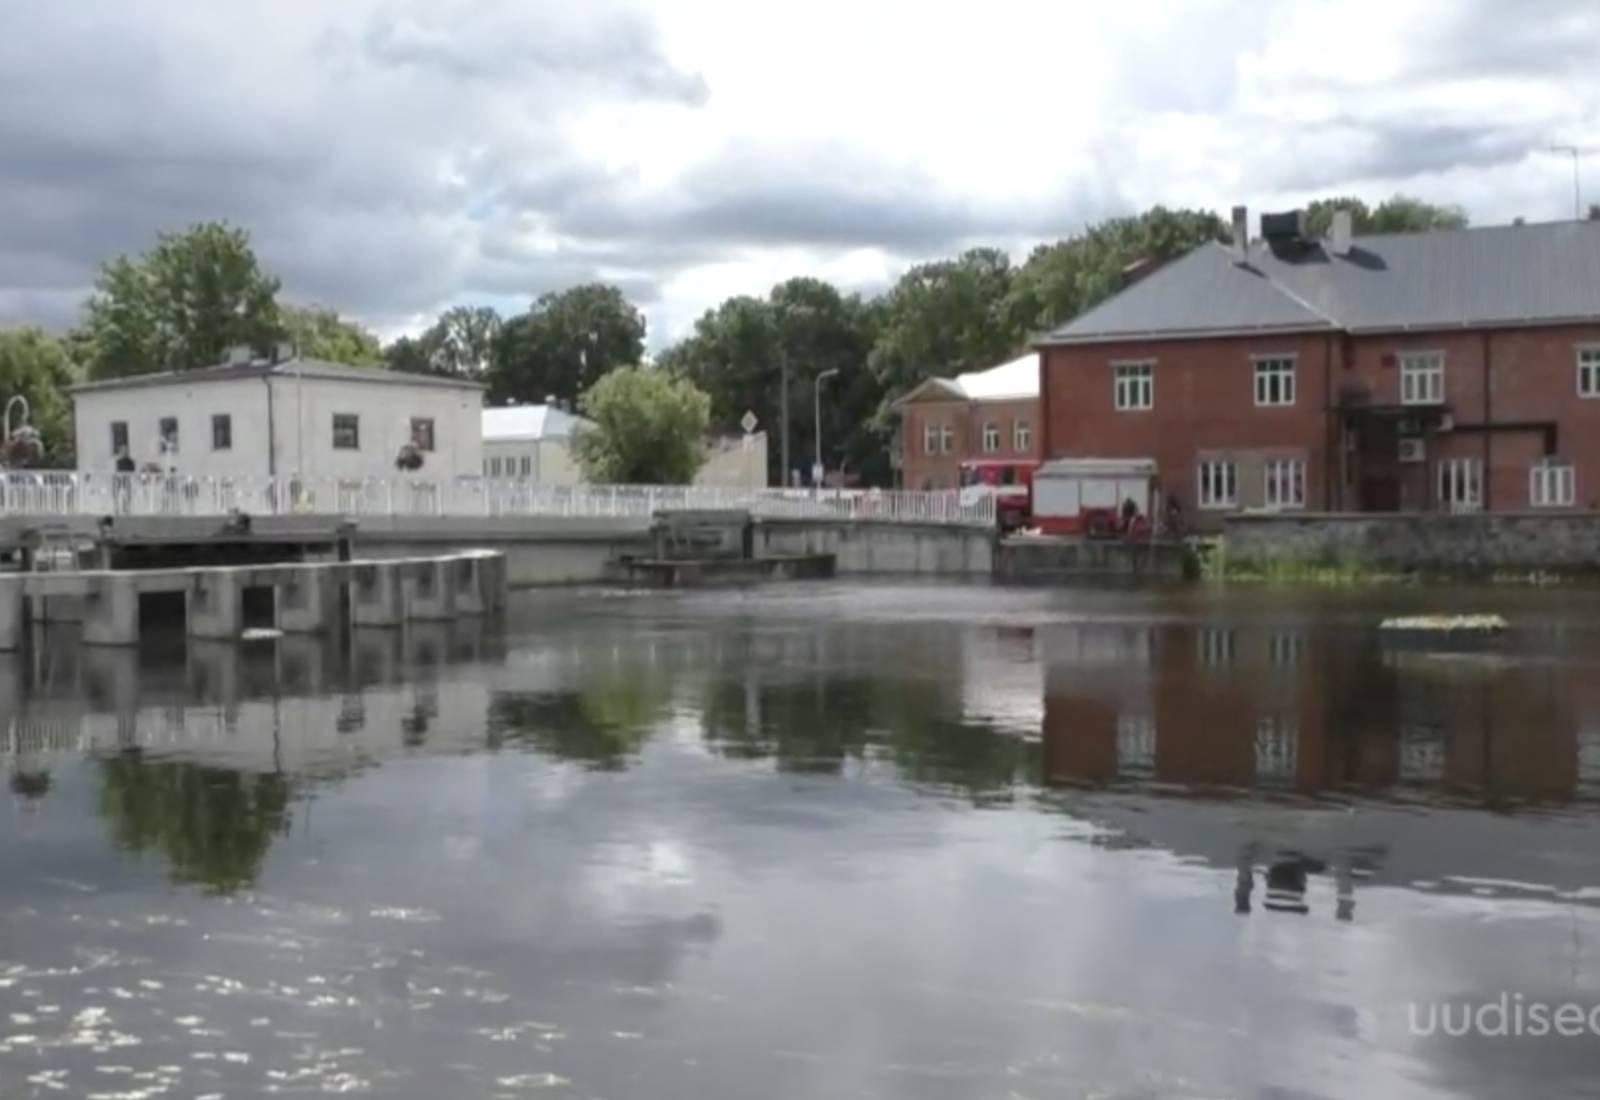 VIDEO! Kas teadsid? 92. sünnipäeva tähistanud Põltsamaa linnas on kolmkümmend vahvat silda